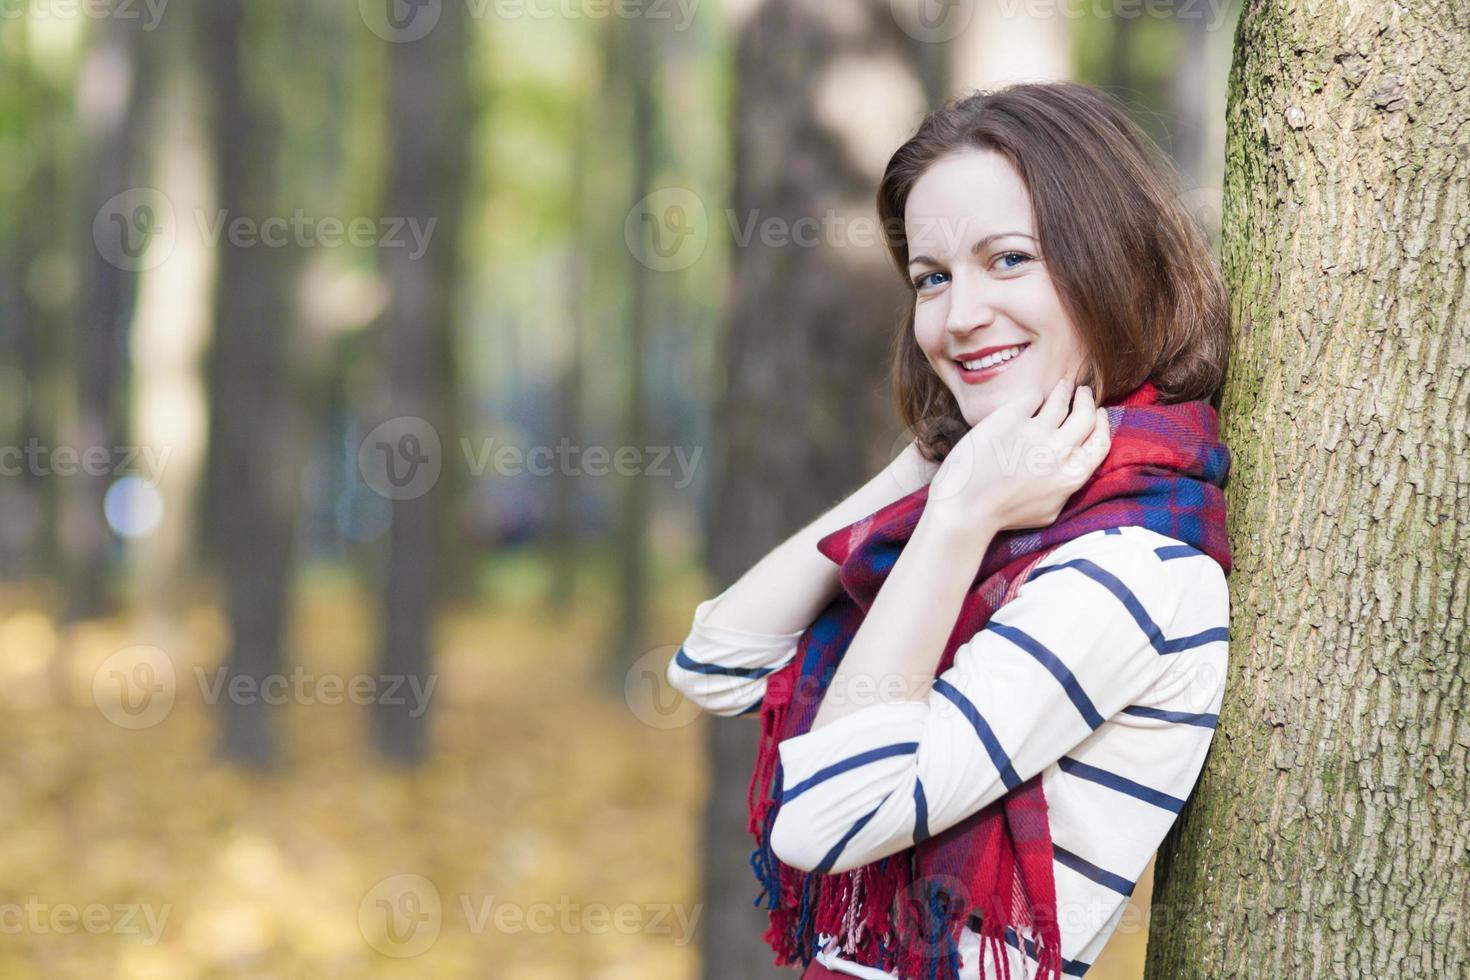 vrouwelijk model gekleed in stijlvolle kleding foto